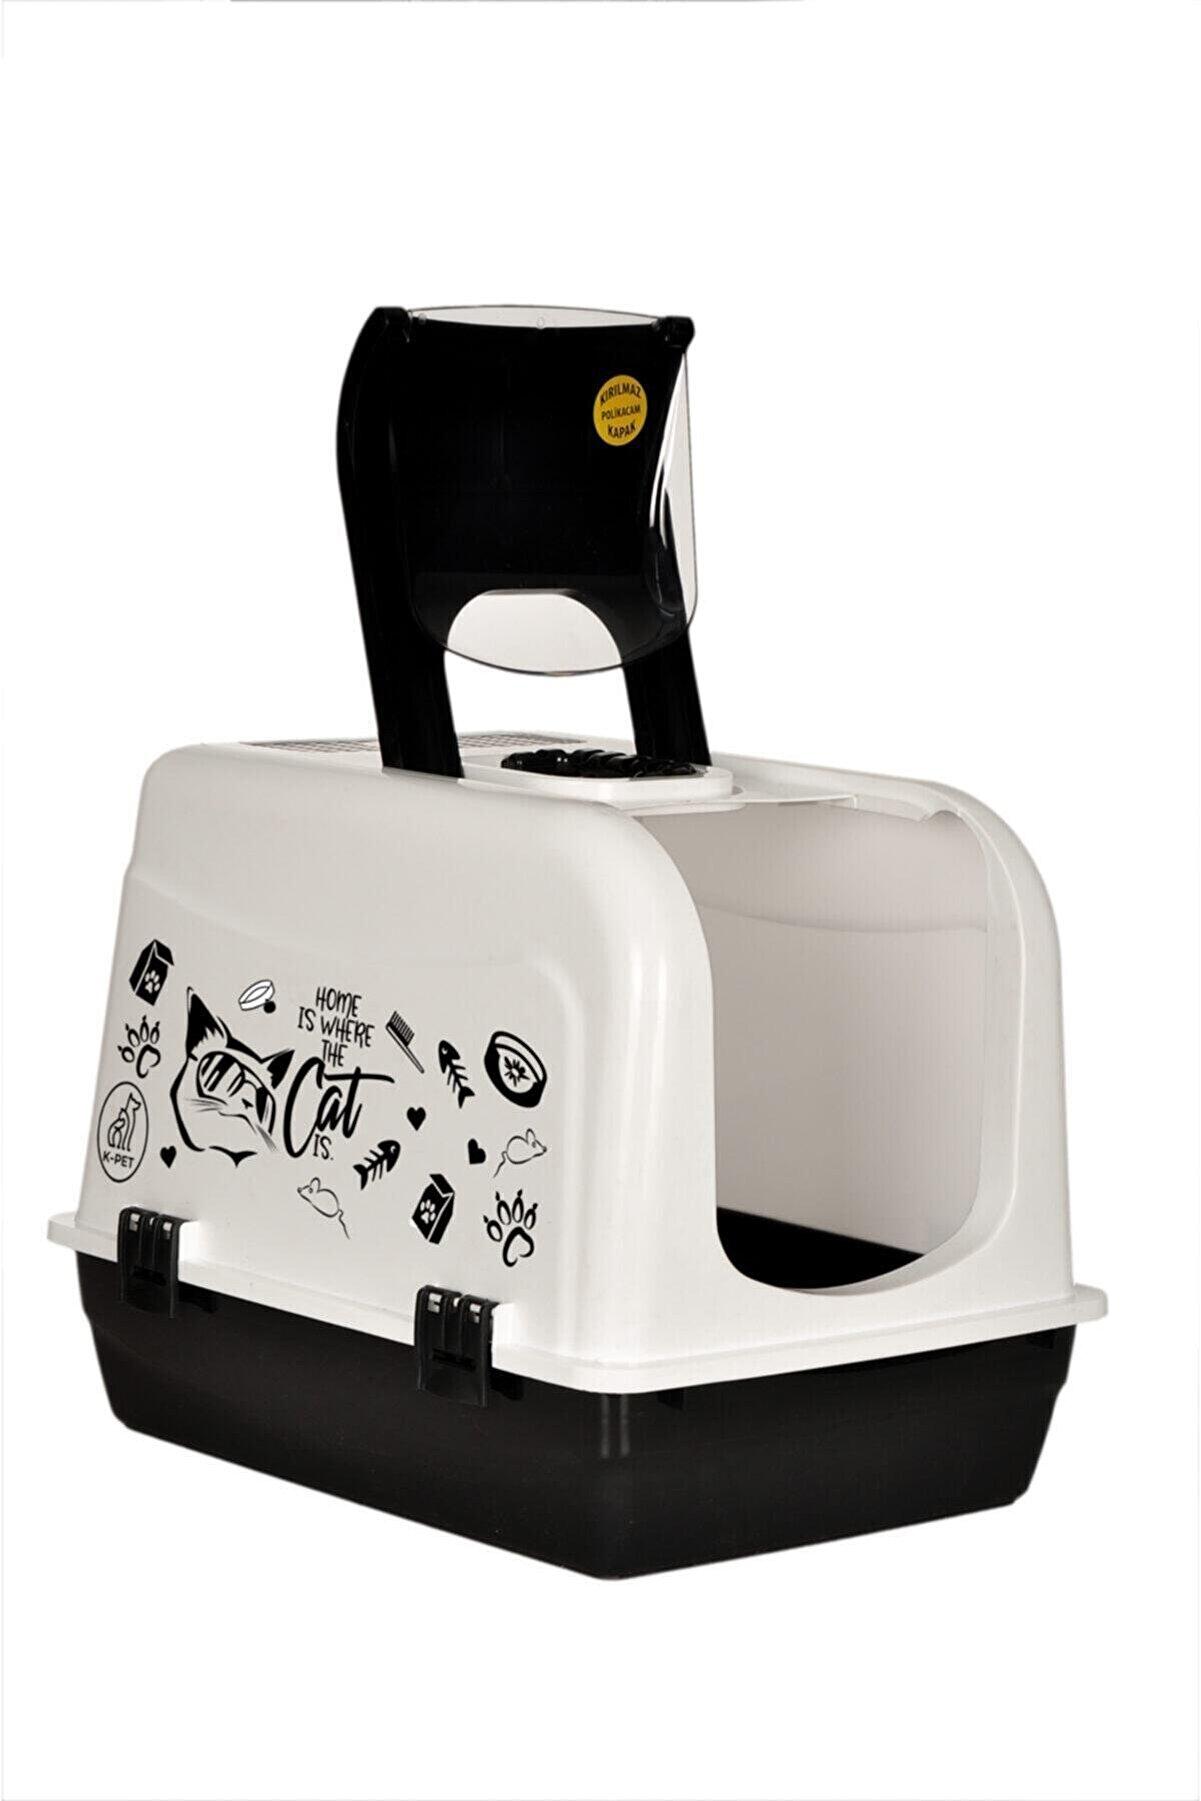 HIZARCI TREND Xxl Büyük Boy Kapalı Kedi Tuvaleti ve Kürek